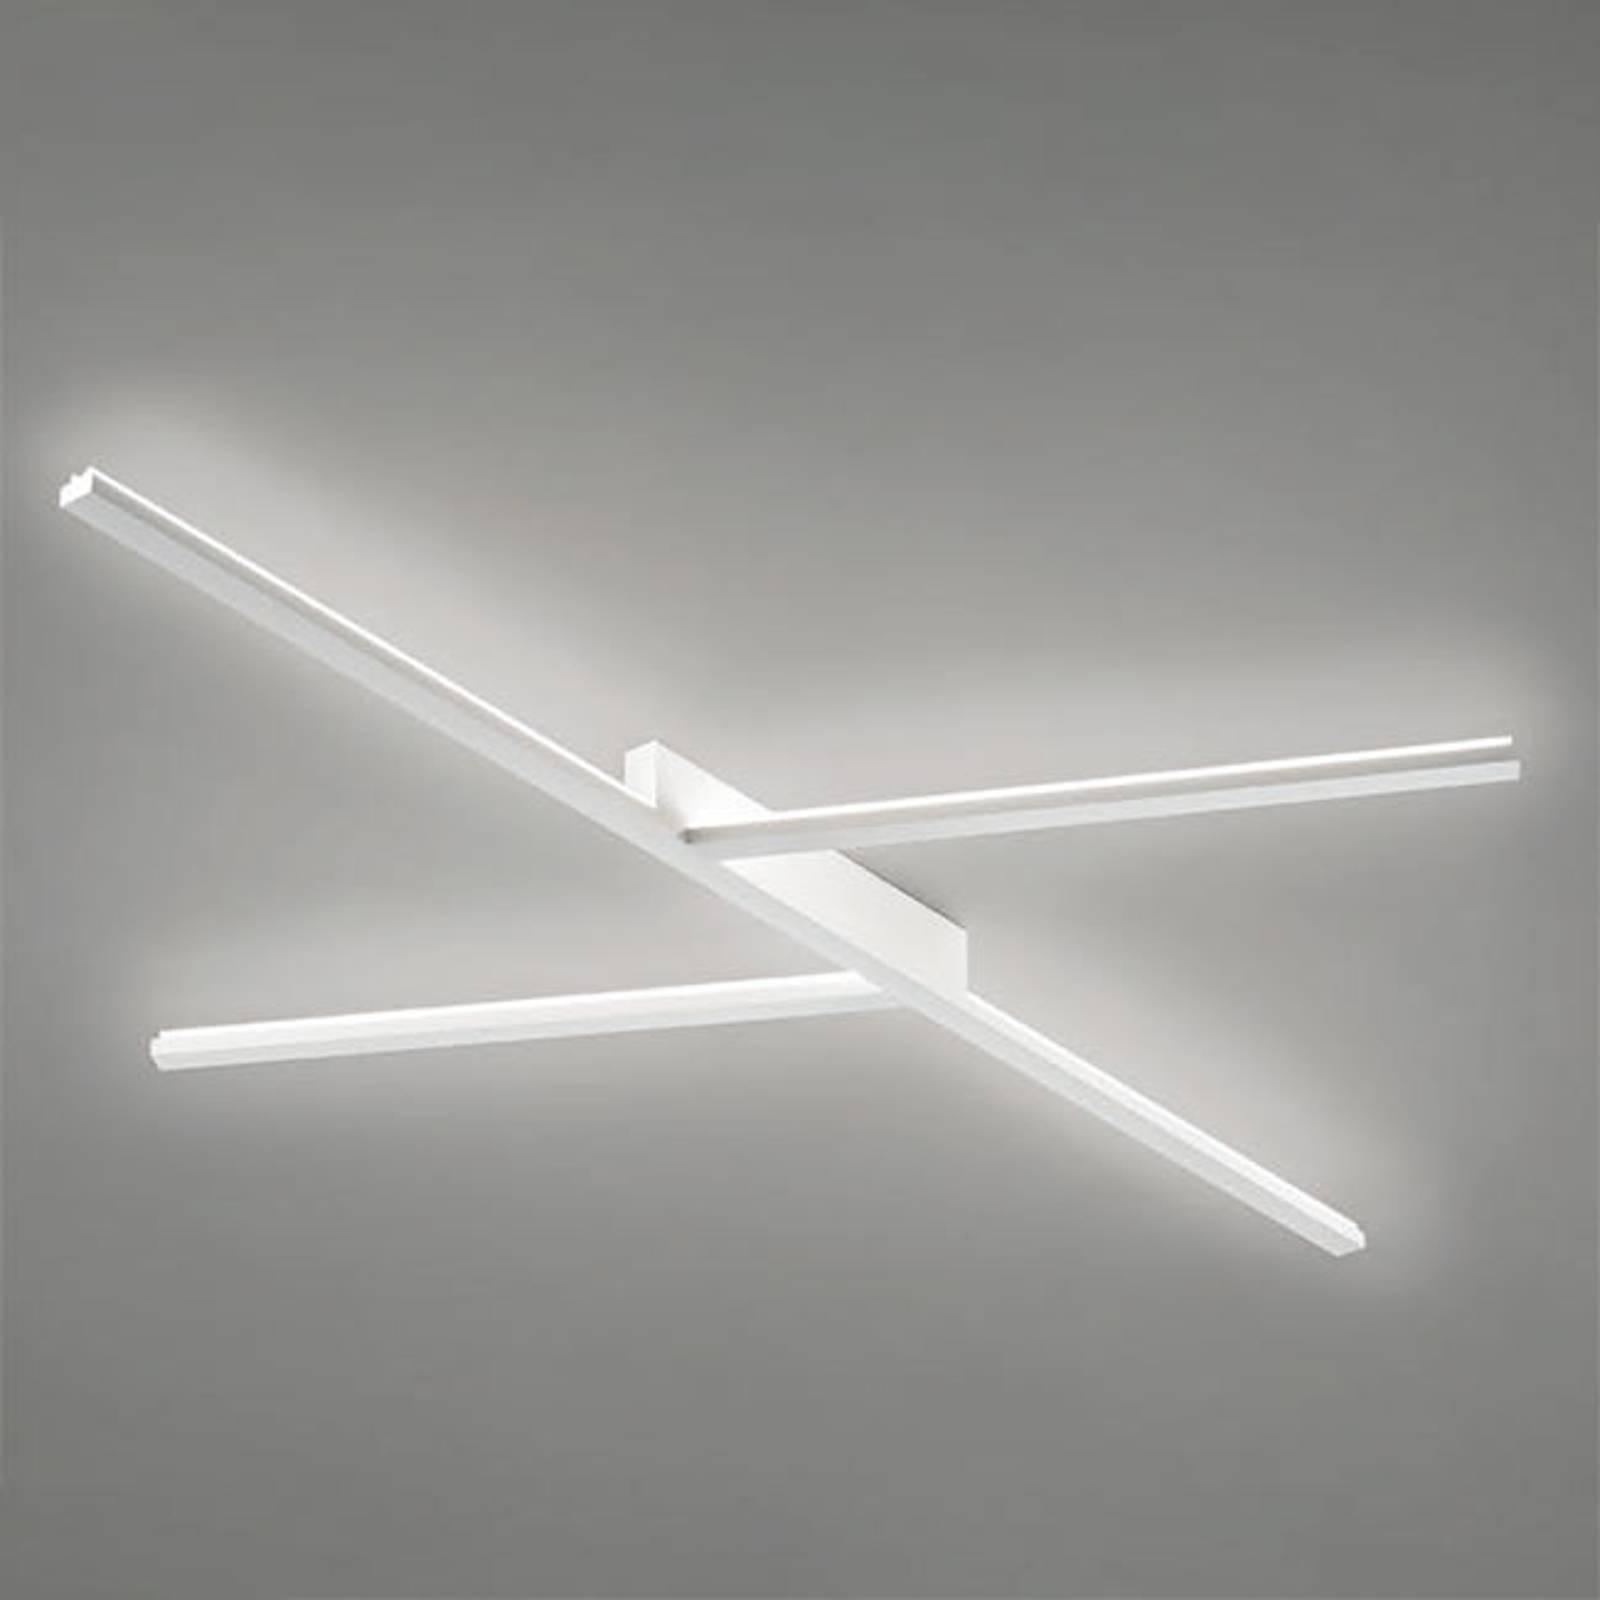 Puristische LED-Deckenleuchte Xilema S